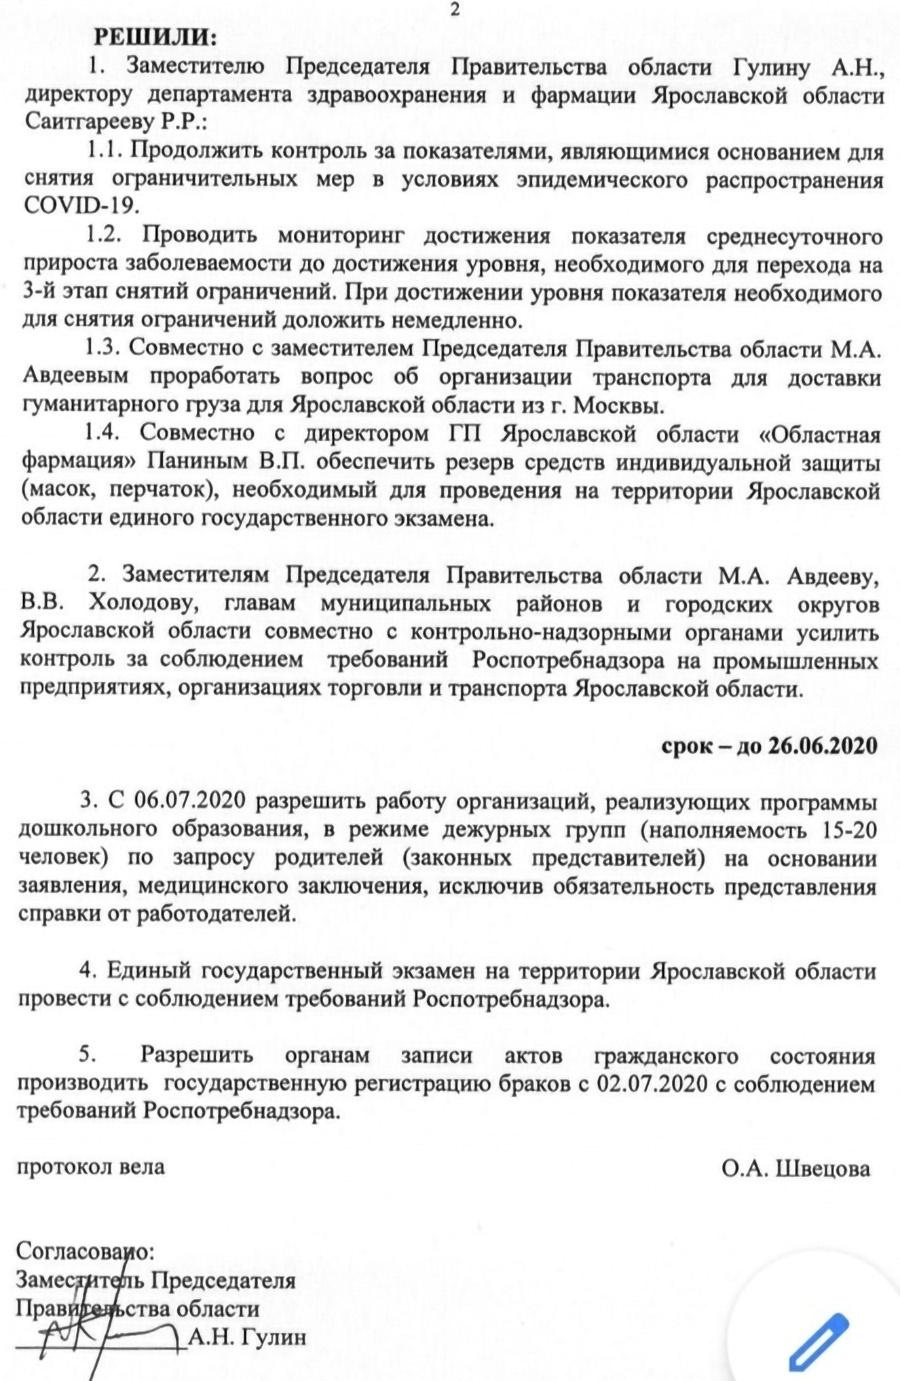 В соцсетях выложили якобы скан протокола заседания областных чиновников, в котором говорится о расширении дежурных групп с 6 июля